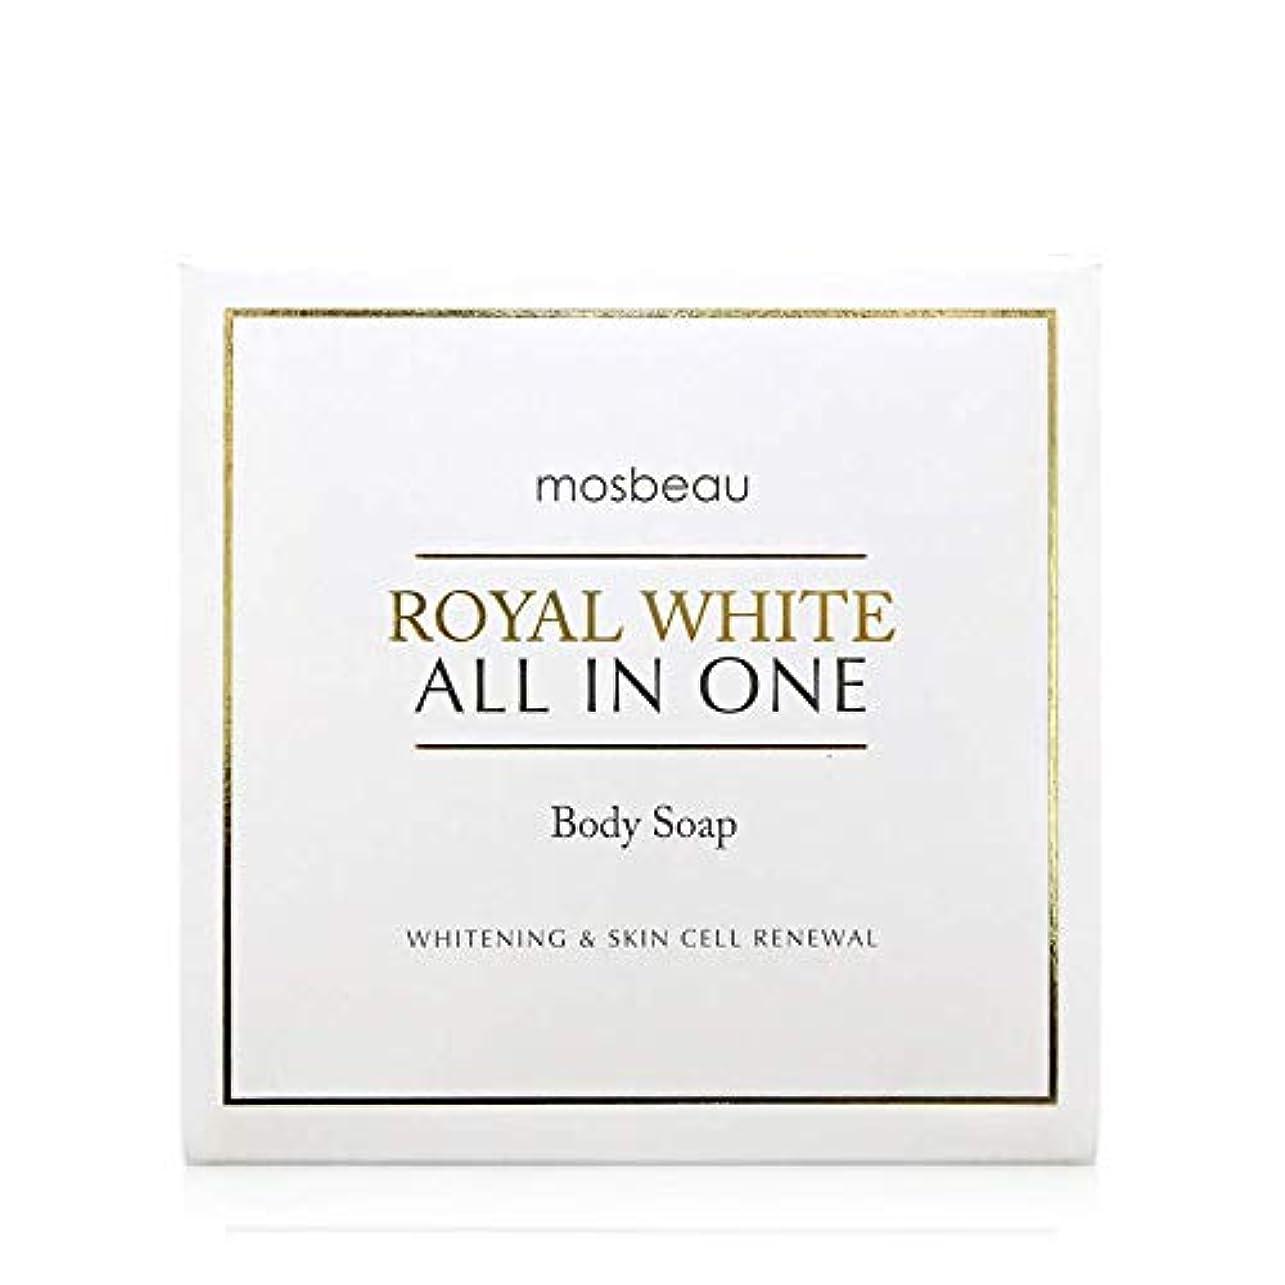 ラフ睡眠欲しいですミュートmosbeau ROYAL WHITE ALL-IN-ONE BODY SOAP 100g ロィヤルホワイトオールインワンボディーソープ